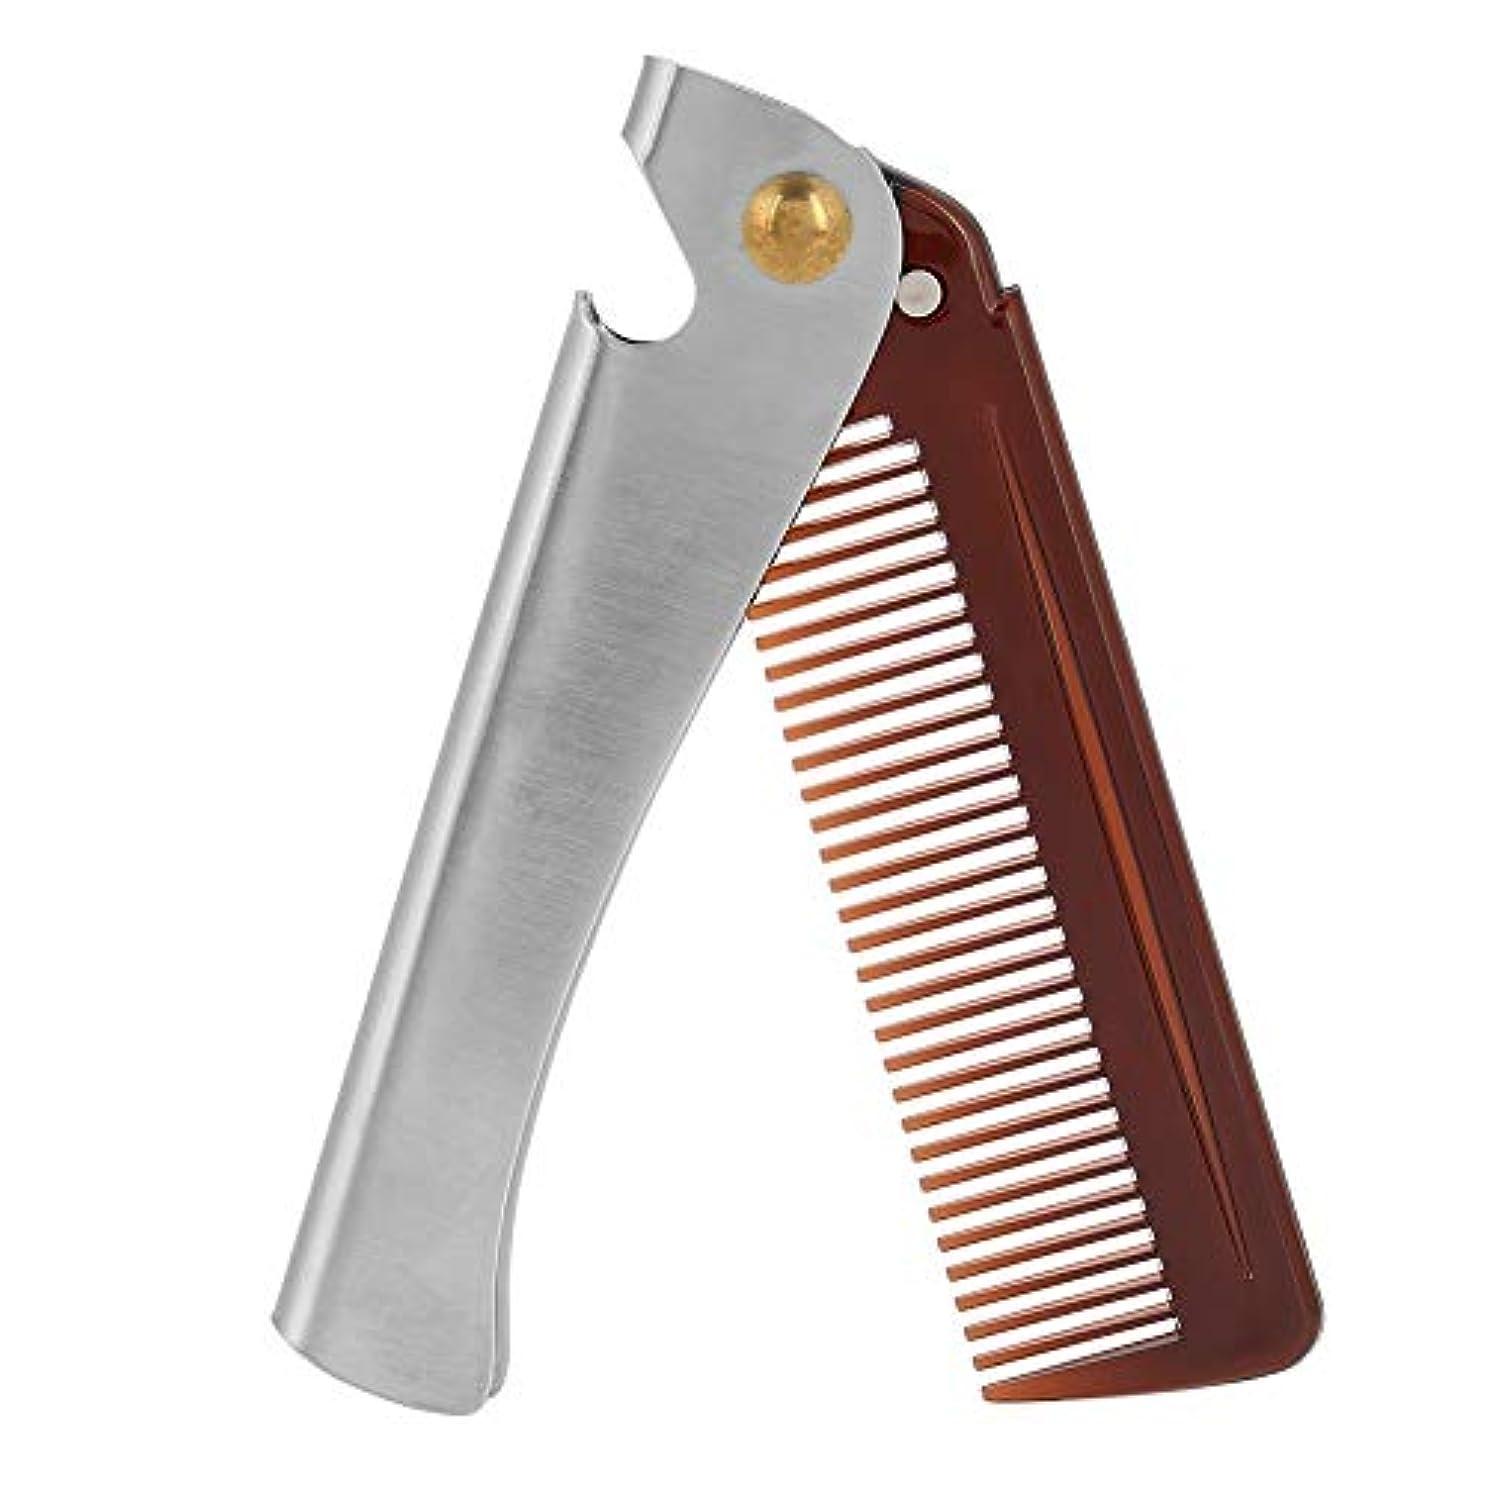 解読する黙孤児ステンレス製のひげの櫛の携帯用ステンレス製のひげの櫛の携帯用折りたたみ口ひげ用具の栓抜き